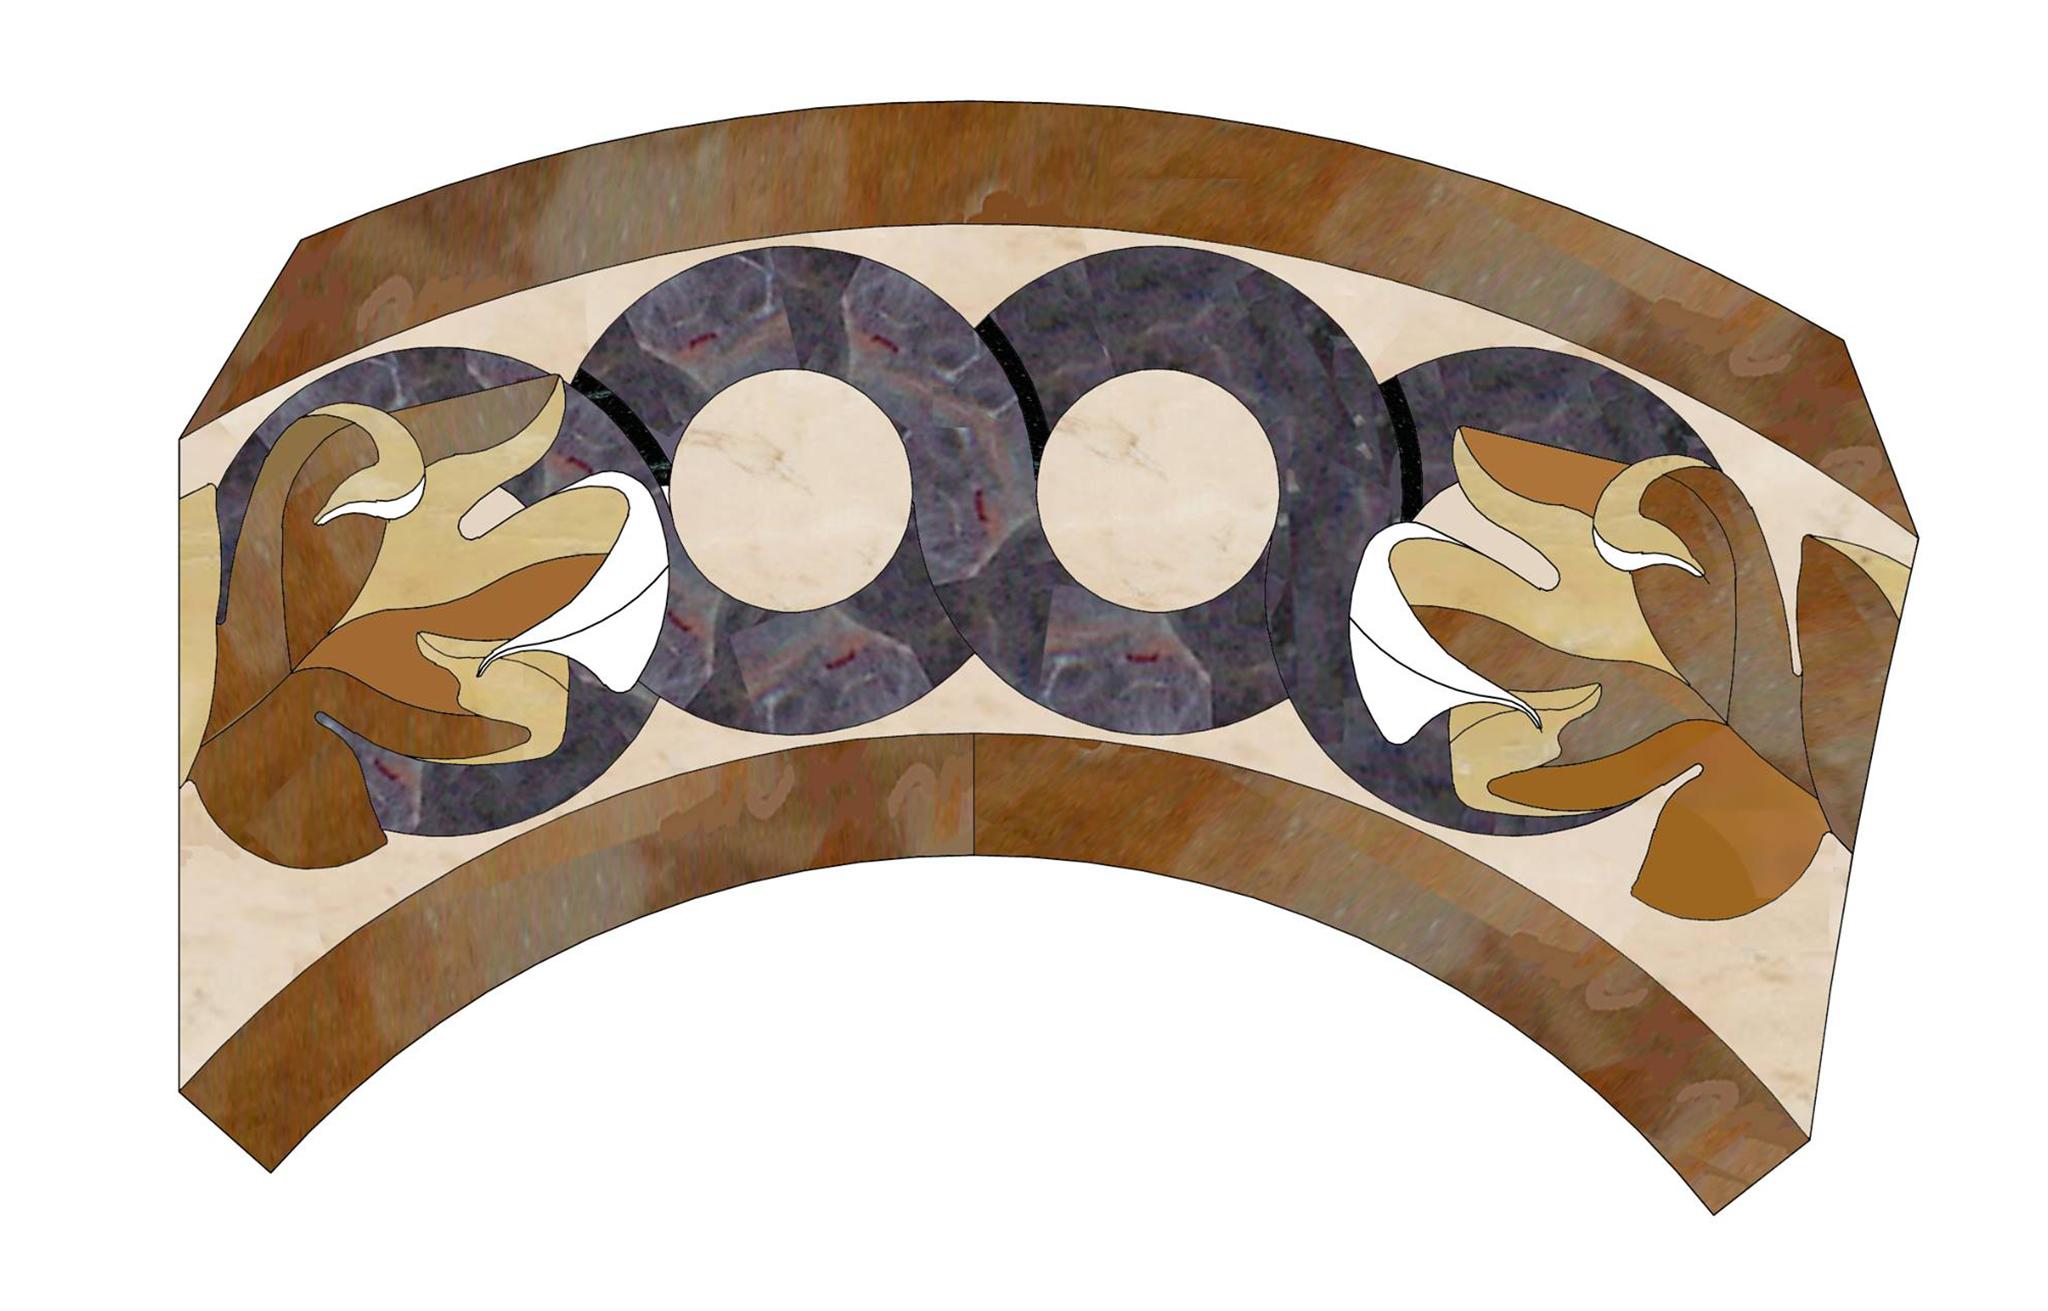 Pavimenti di marmo ad intarsio, marmi policromi - 3